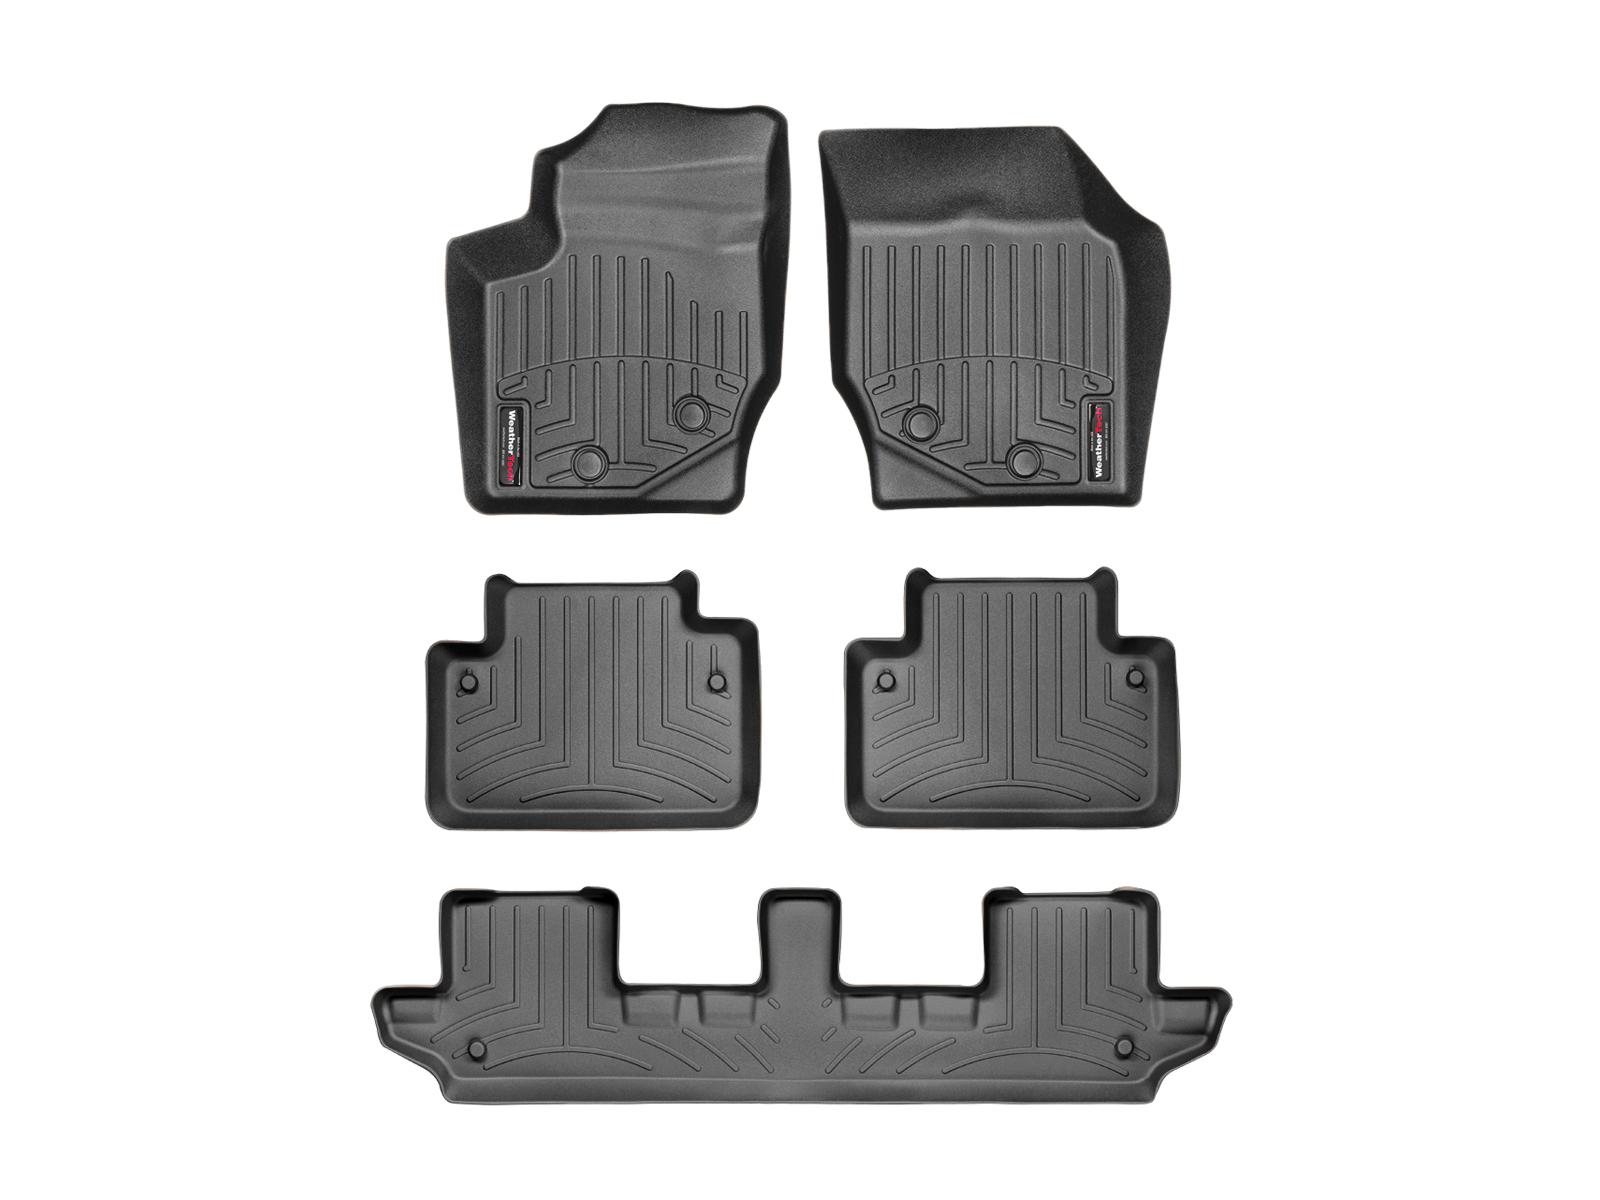 Tappeti gomma su misura bordo alto Volvo XC90 03>14 Nero A4450*